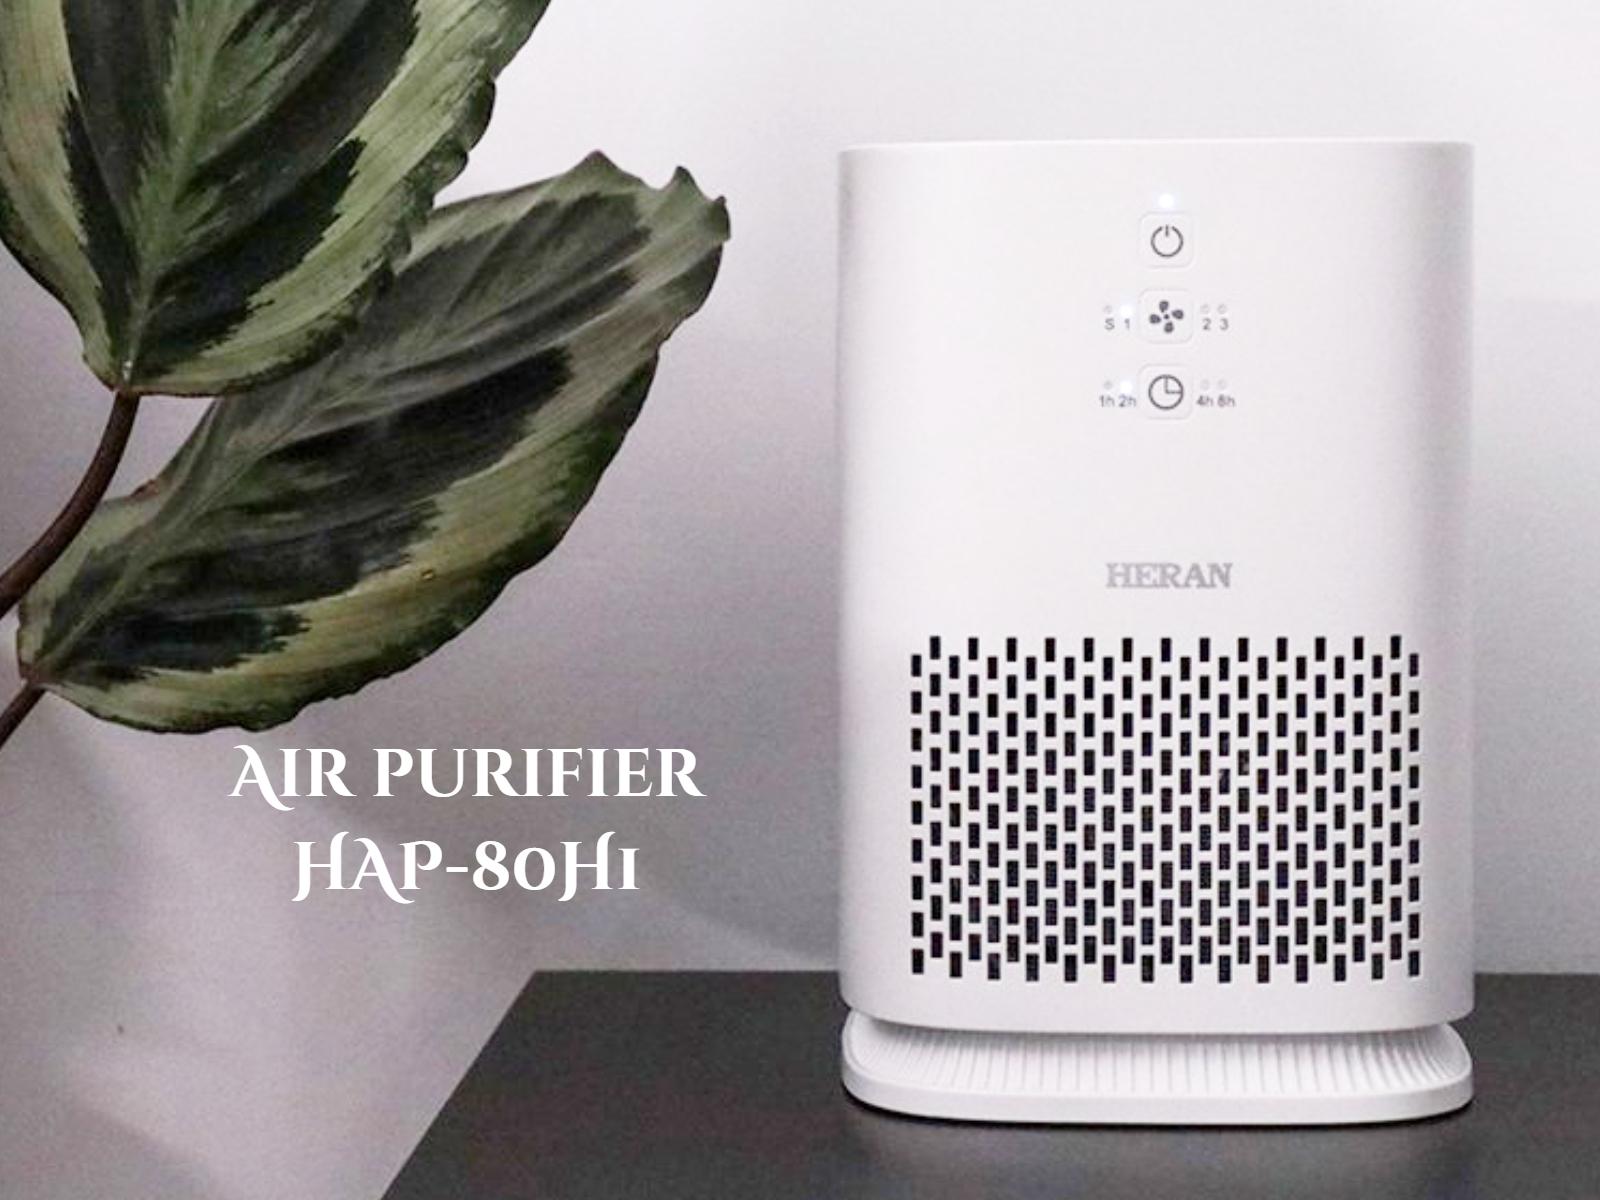 空氣清淨機推薦 2019【禾聯 HAP-80H1】最新開箱實測!彈指給你清新空氣